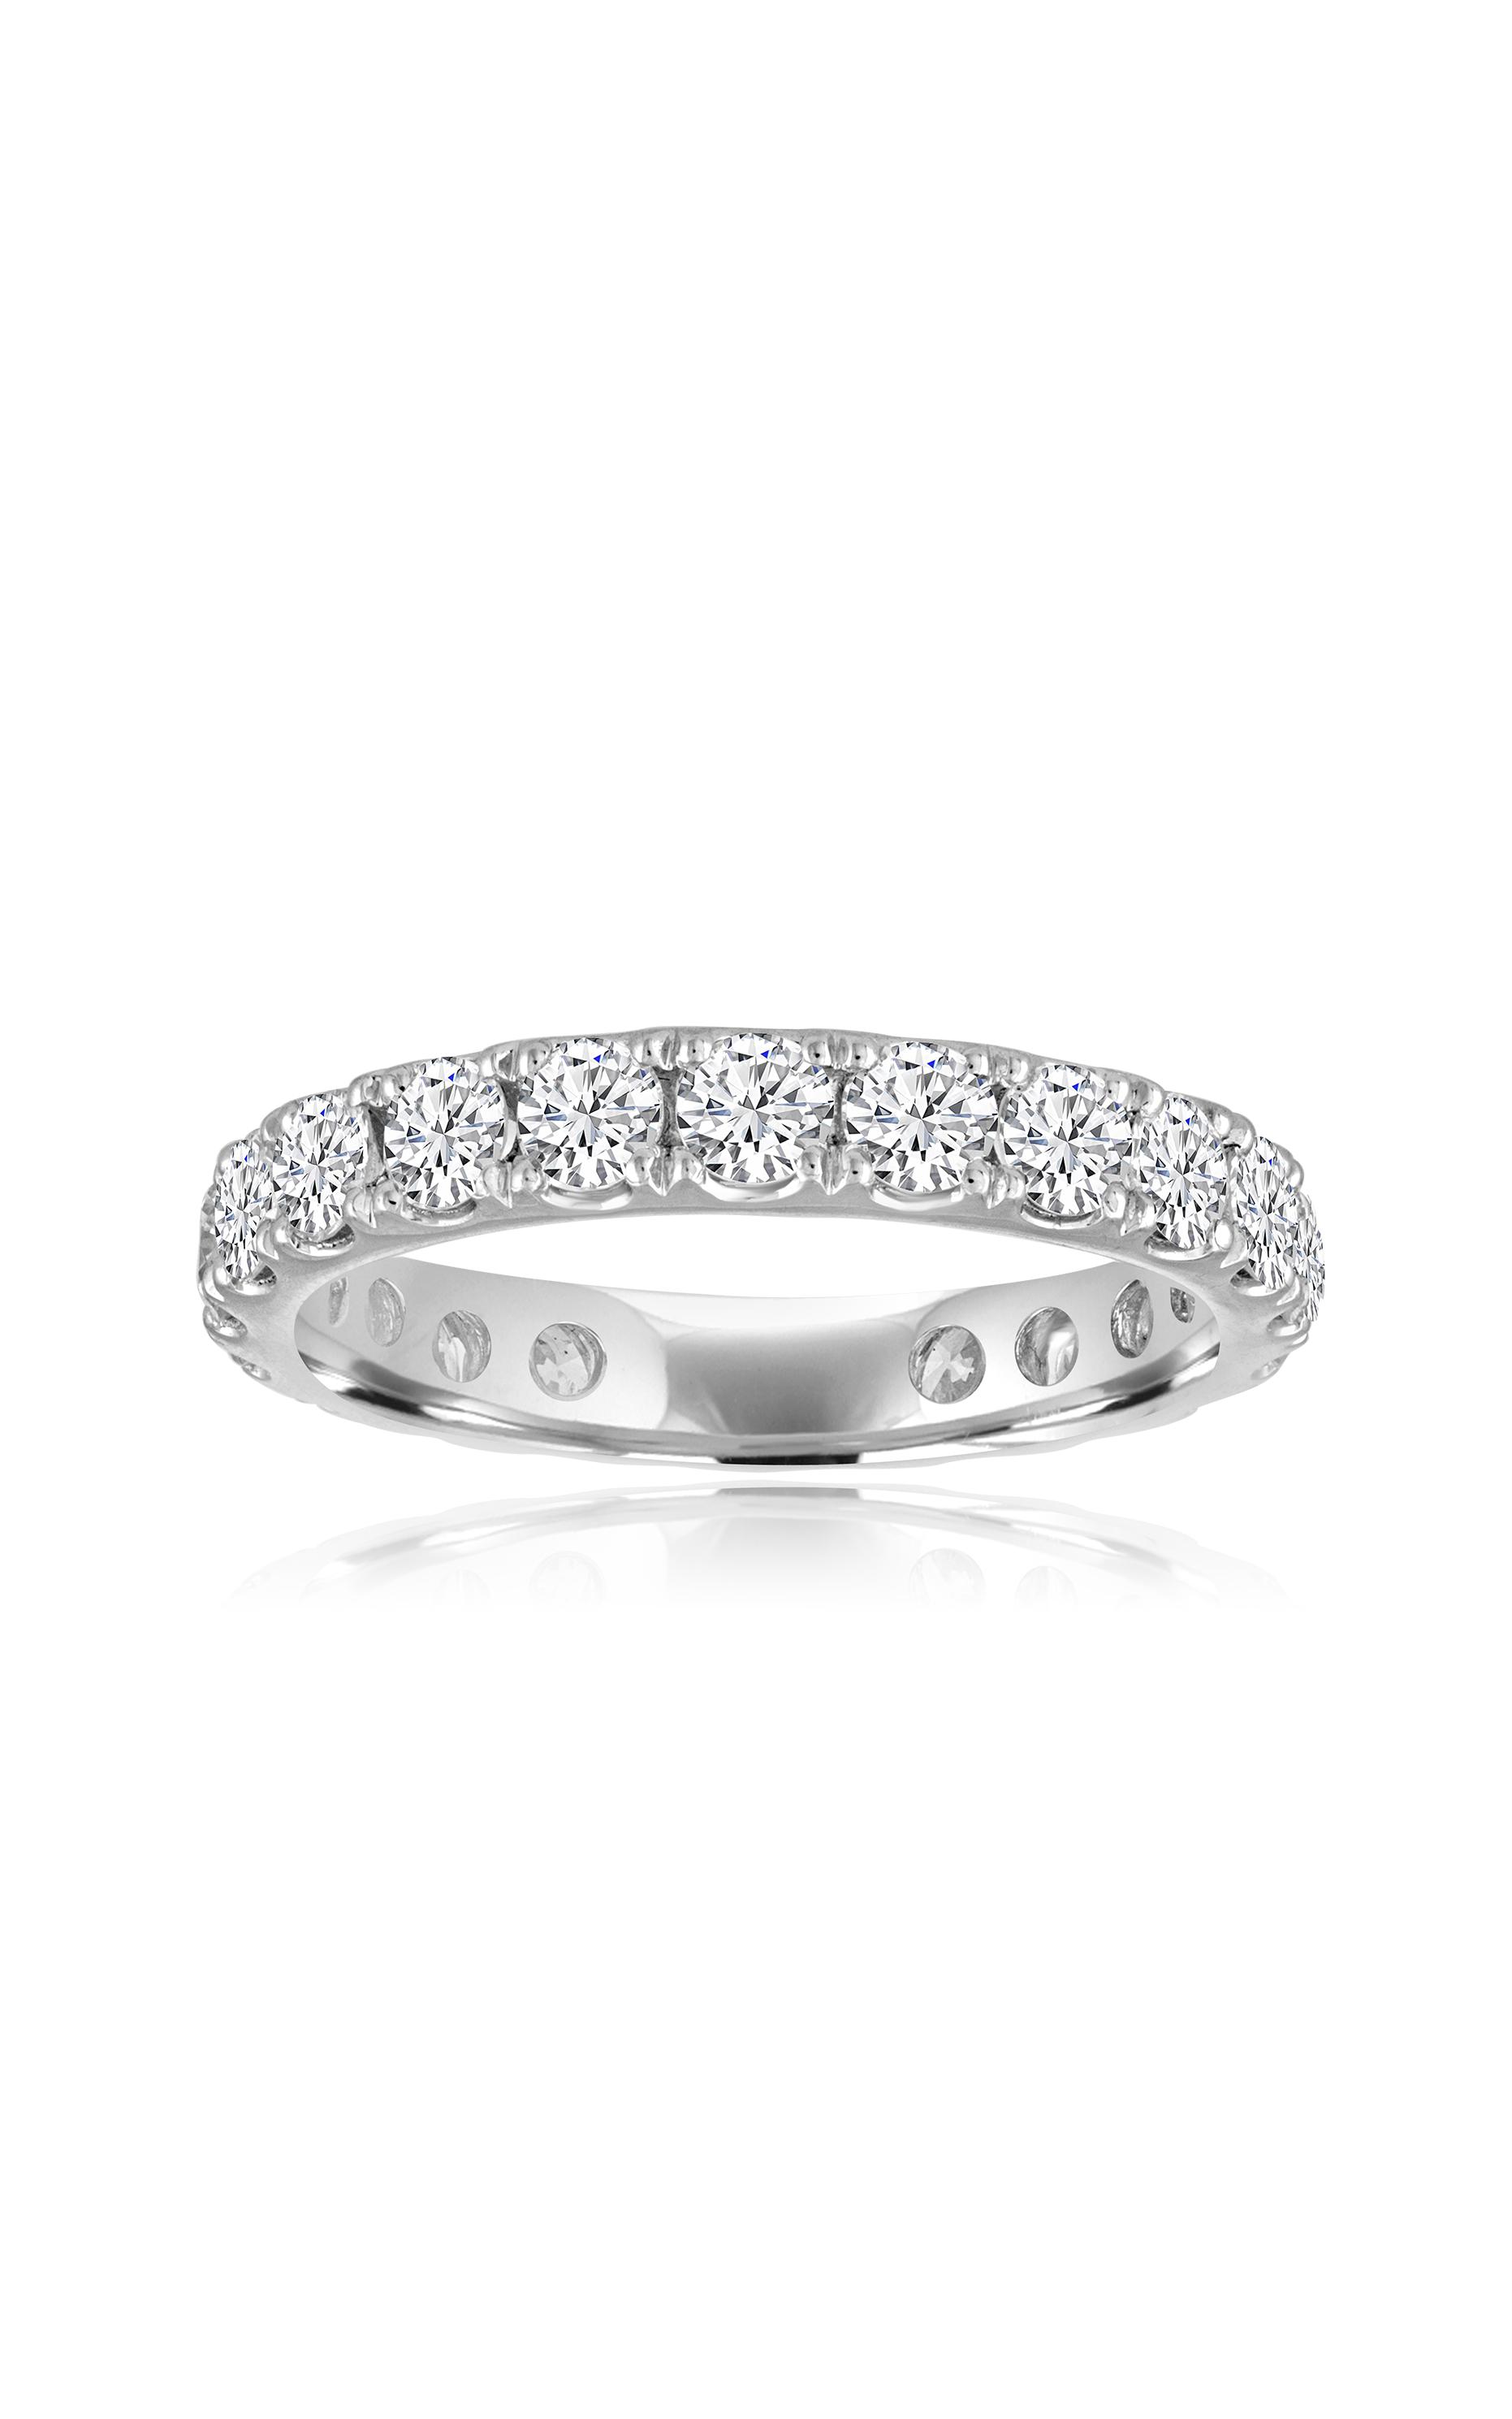 Imagine Bridal Wedding Band 80156D-3/4 product image